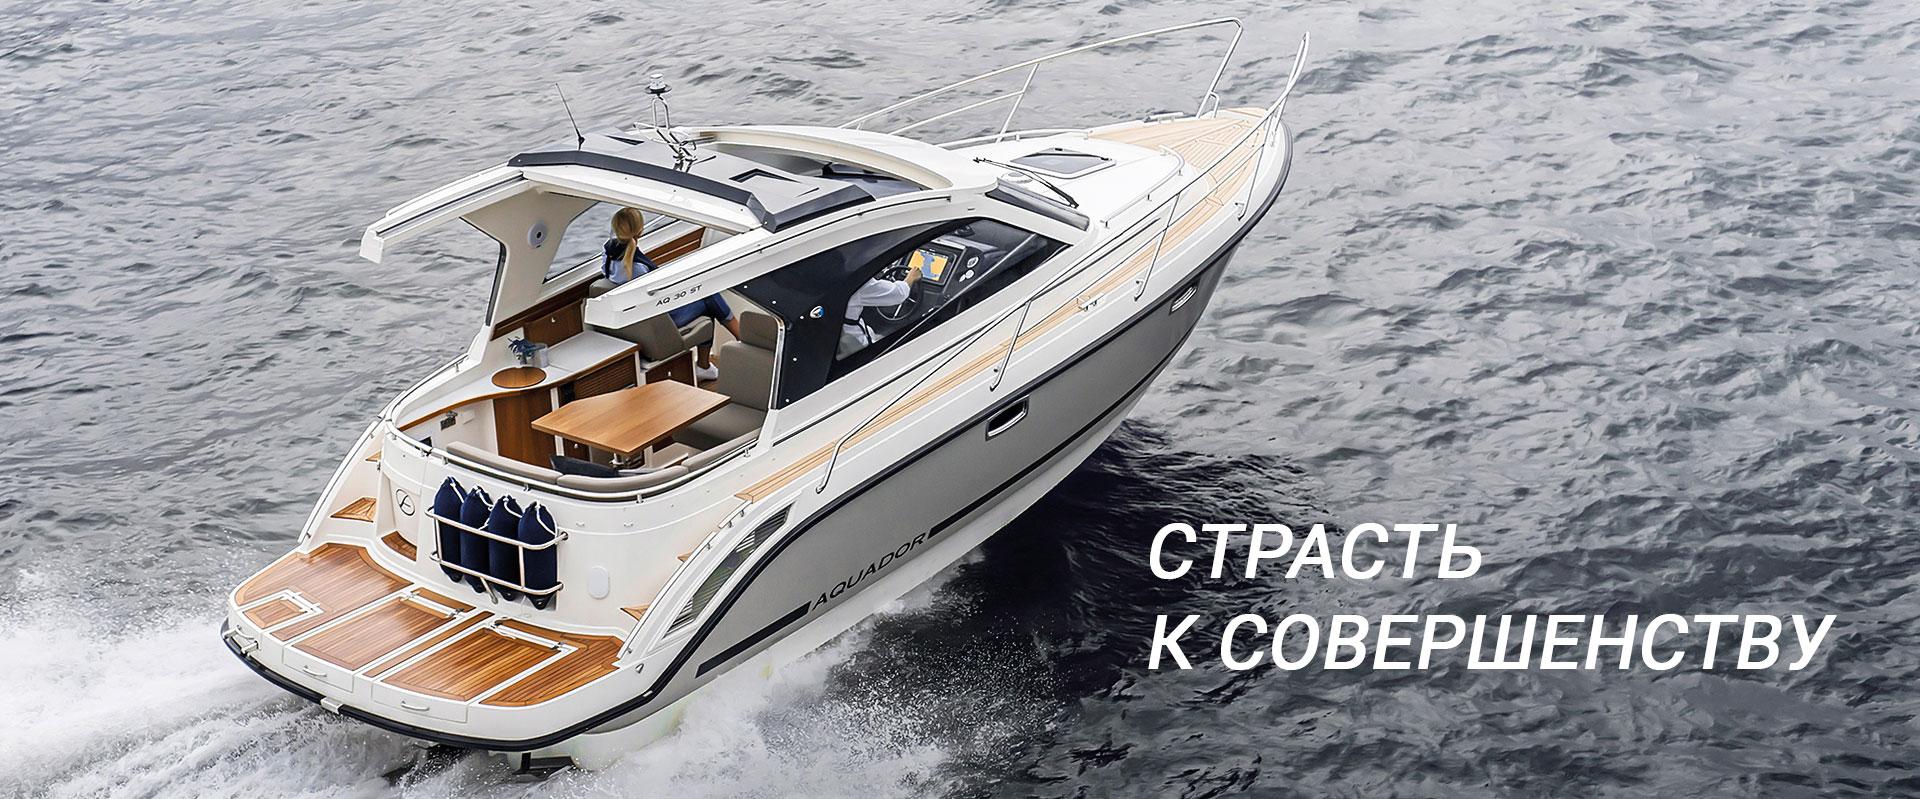 Производство и продажа катеров, лодочных моторов и прицепов и другой лодочной техники